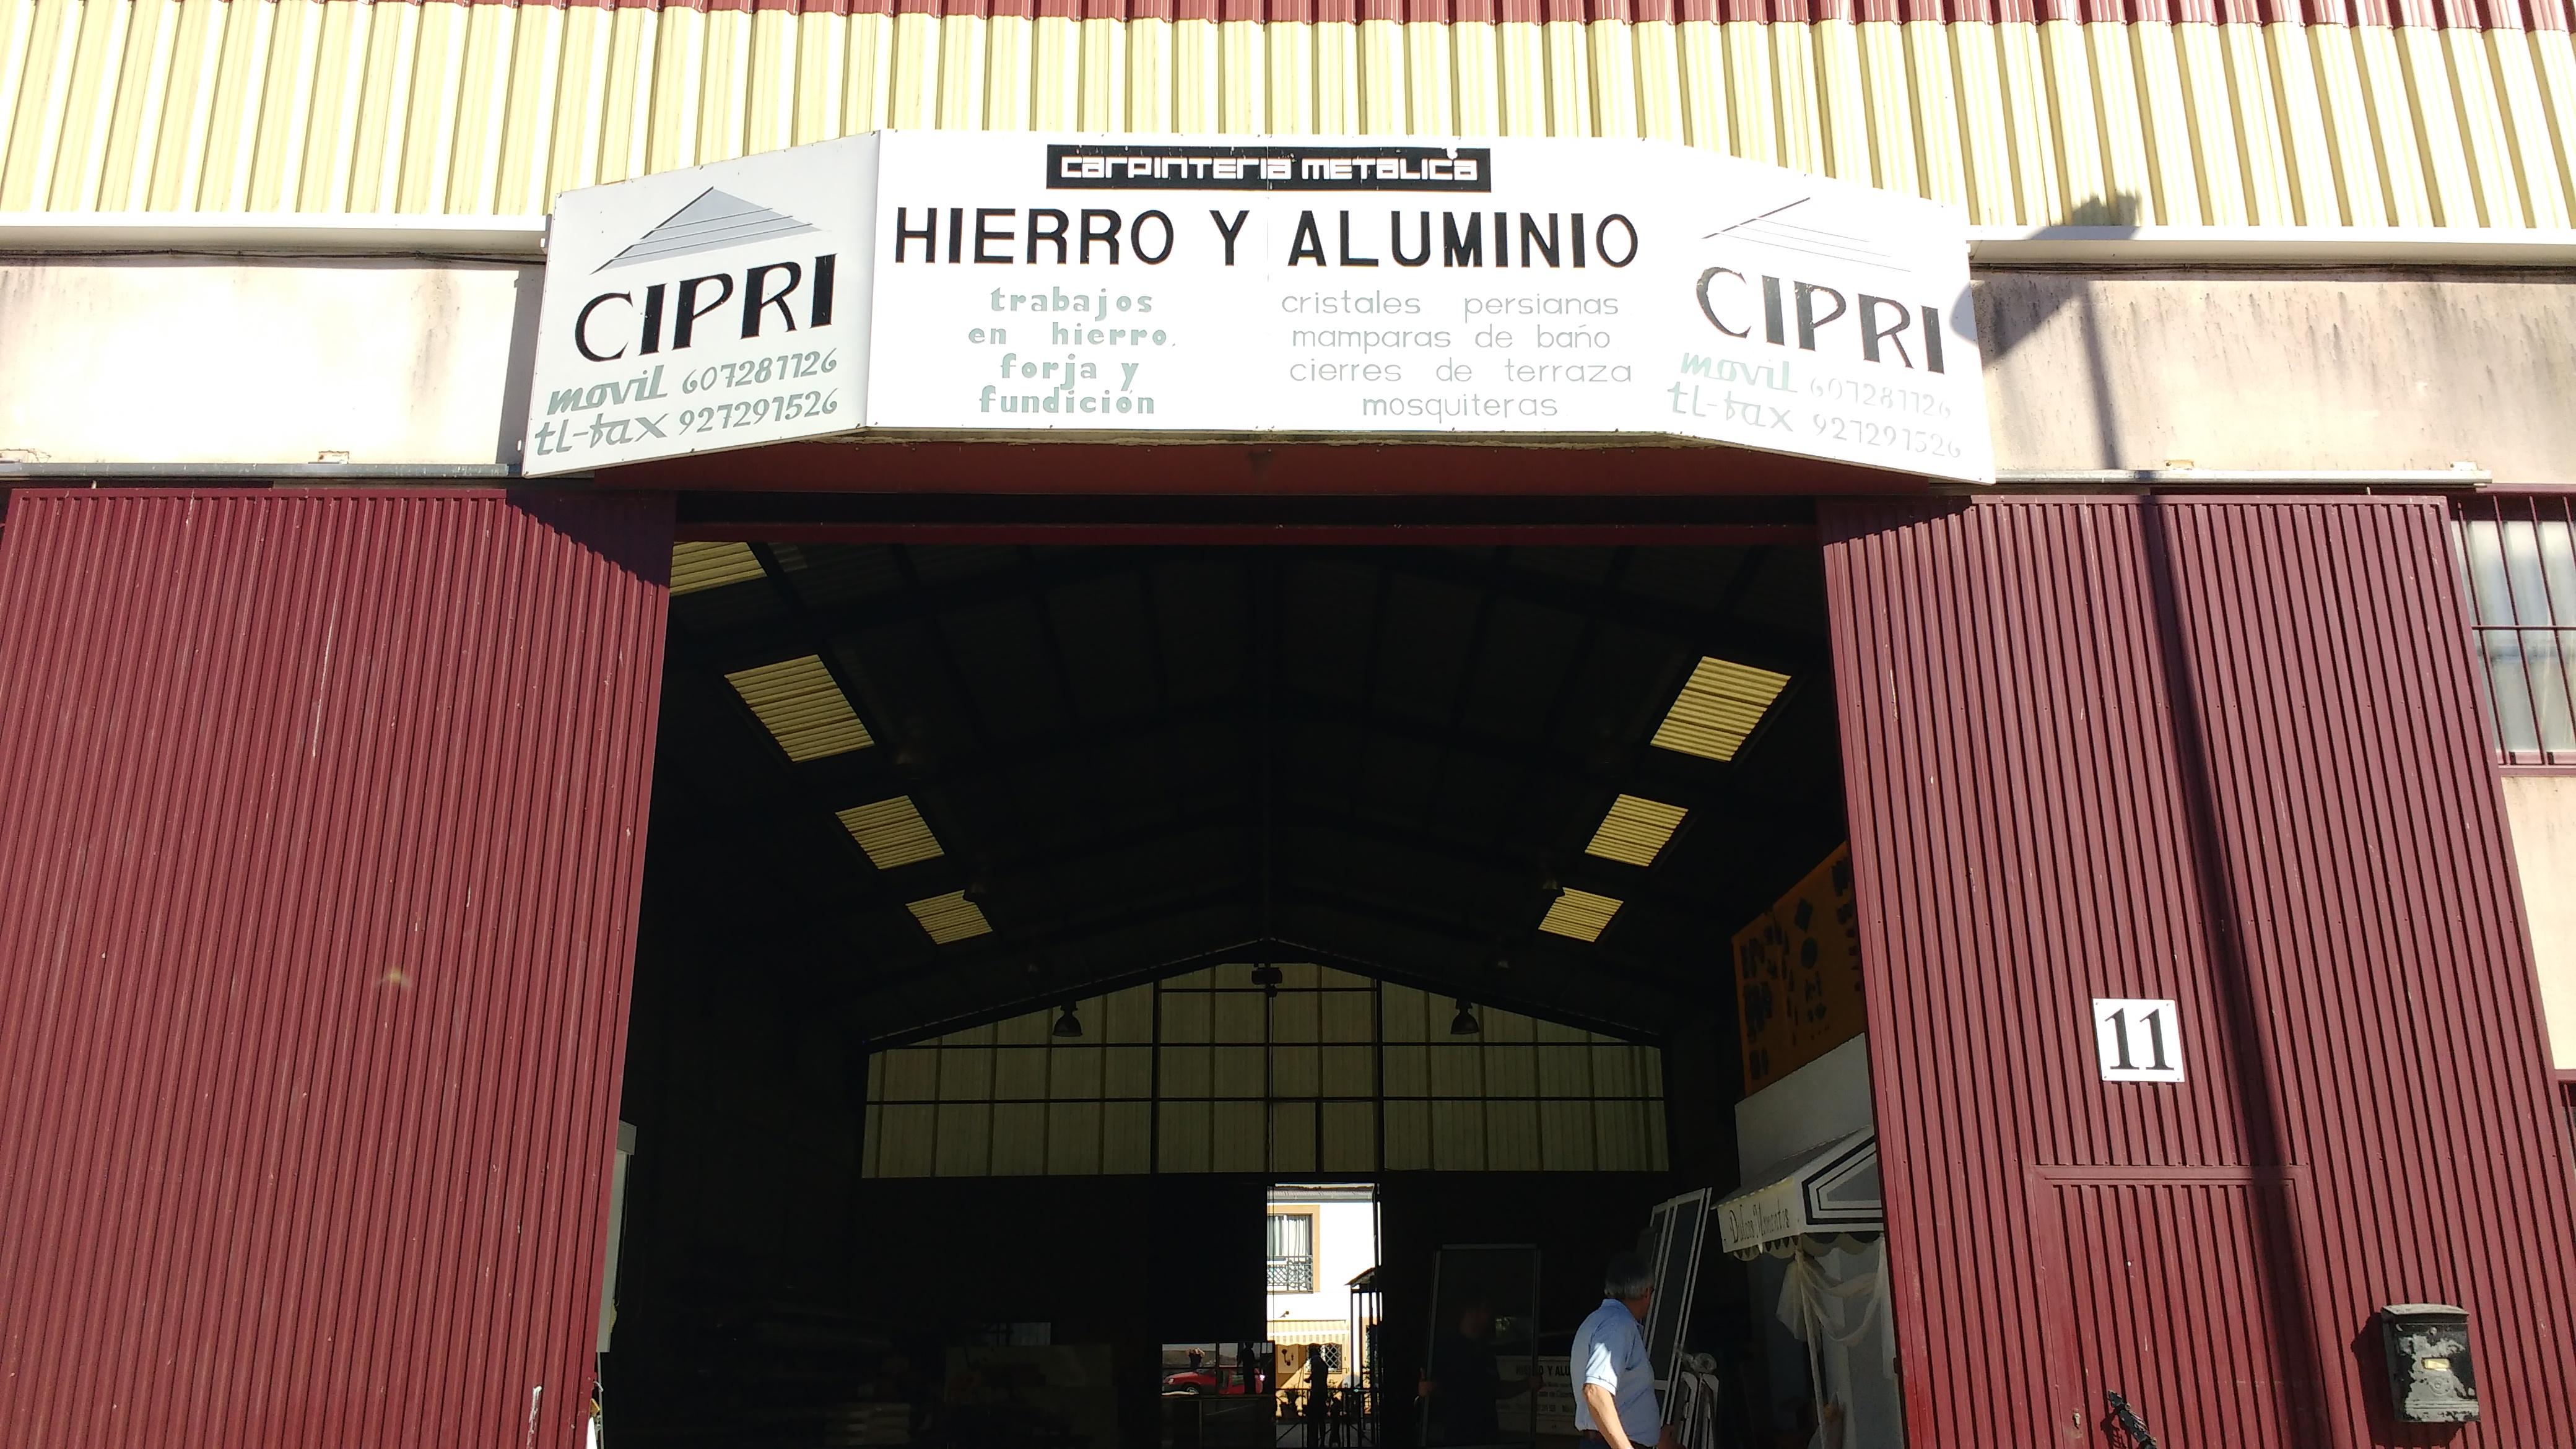 HIERROS Y ALUMINIOS EN EL CASAR DE CACERES CIPRI